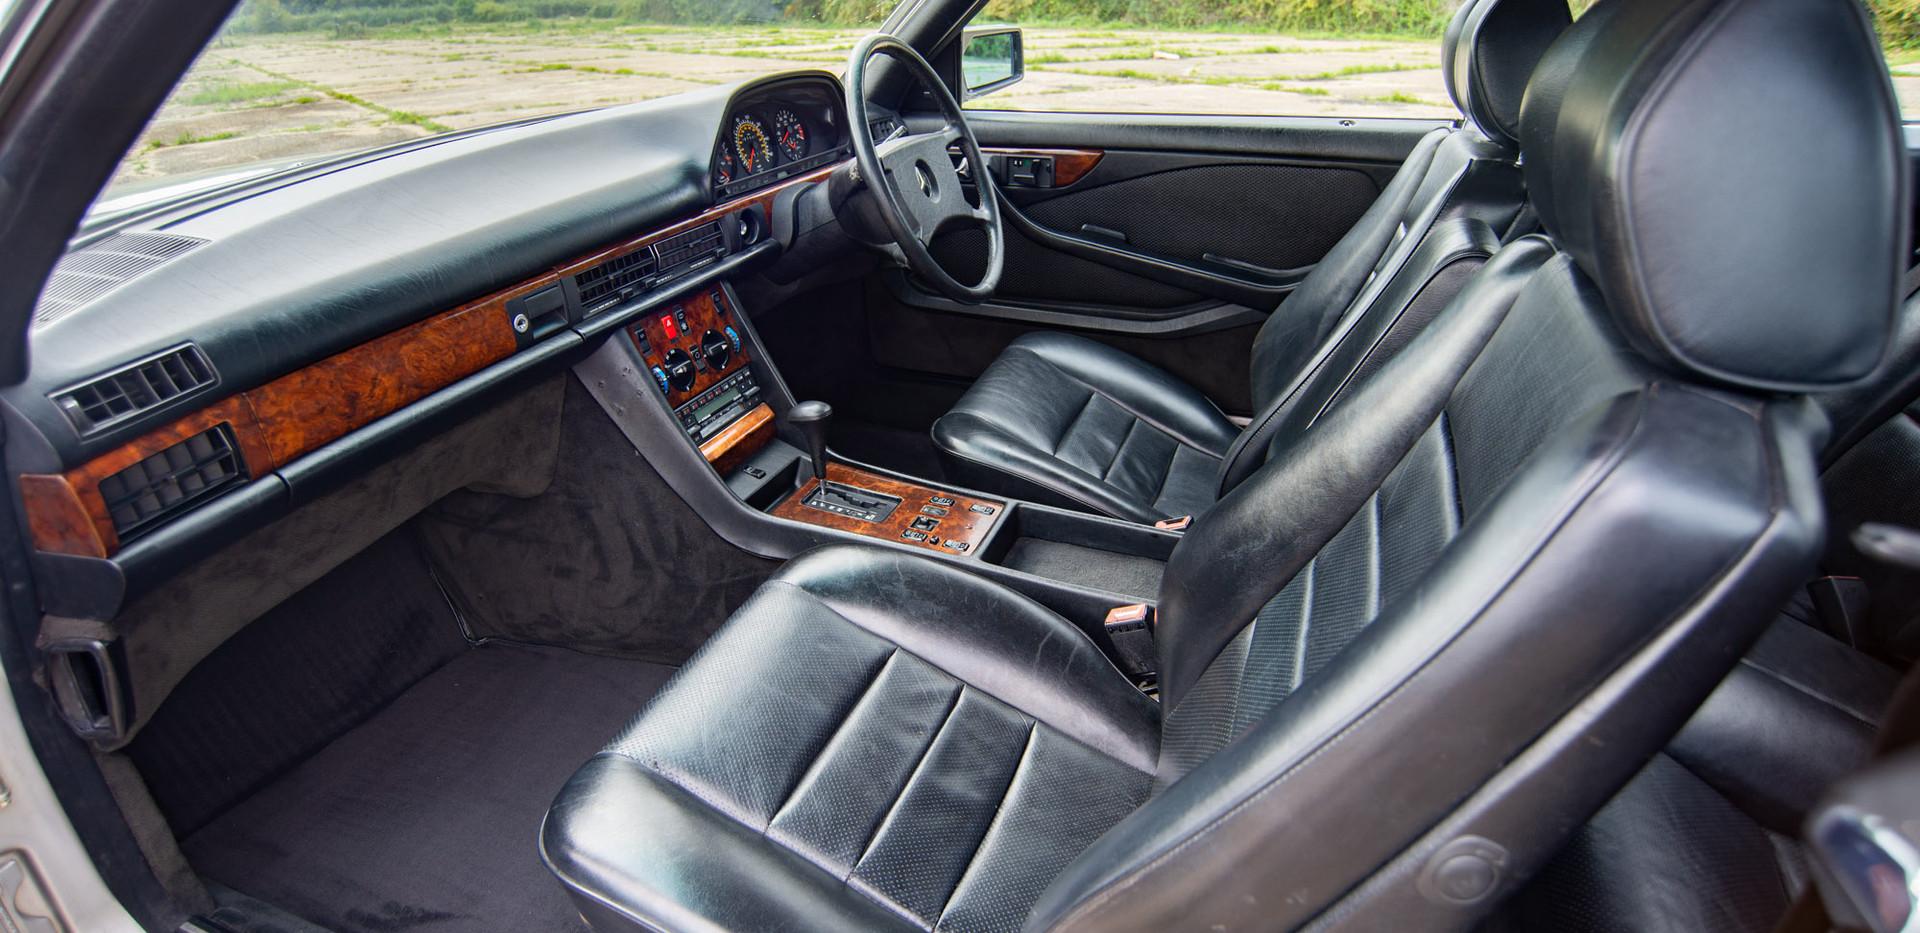 W126 420SEC - Uk for sale london-35.jpg